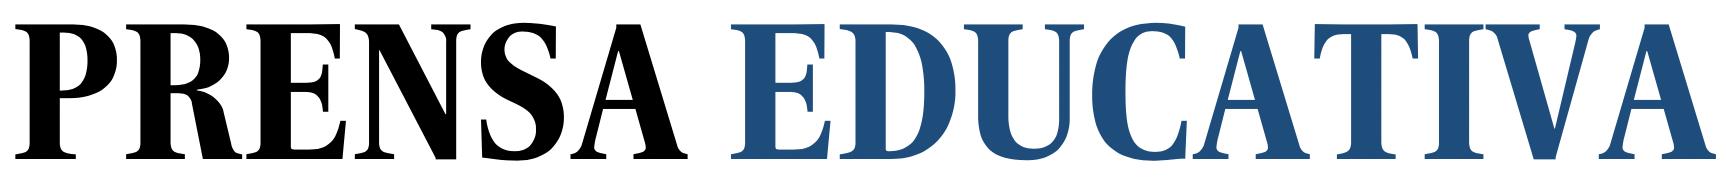 Prensa Educativa - Colegios de España y América Latina